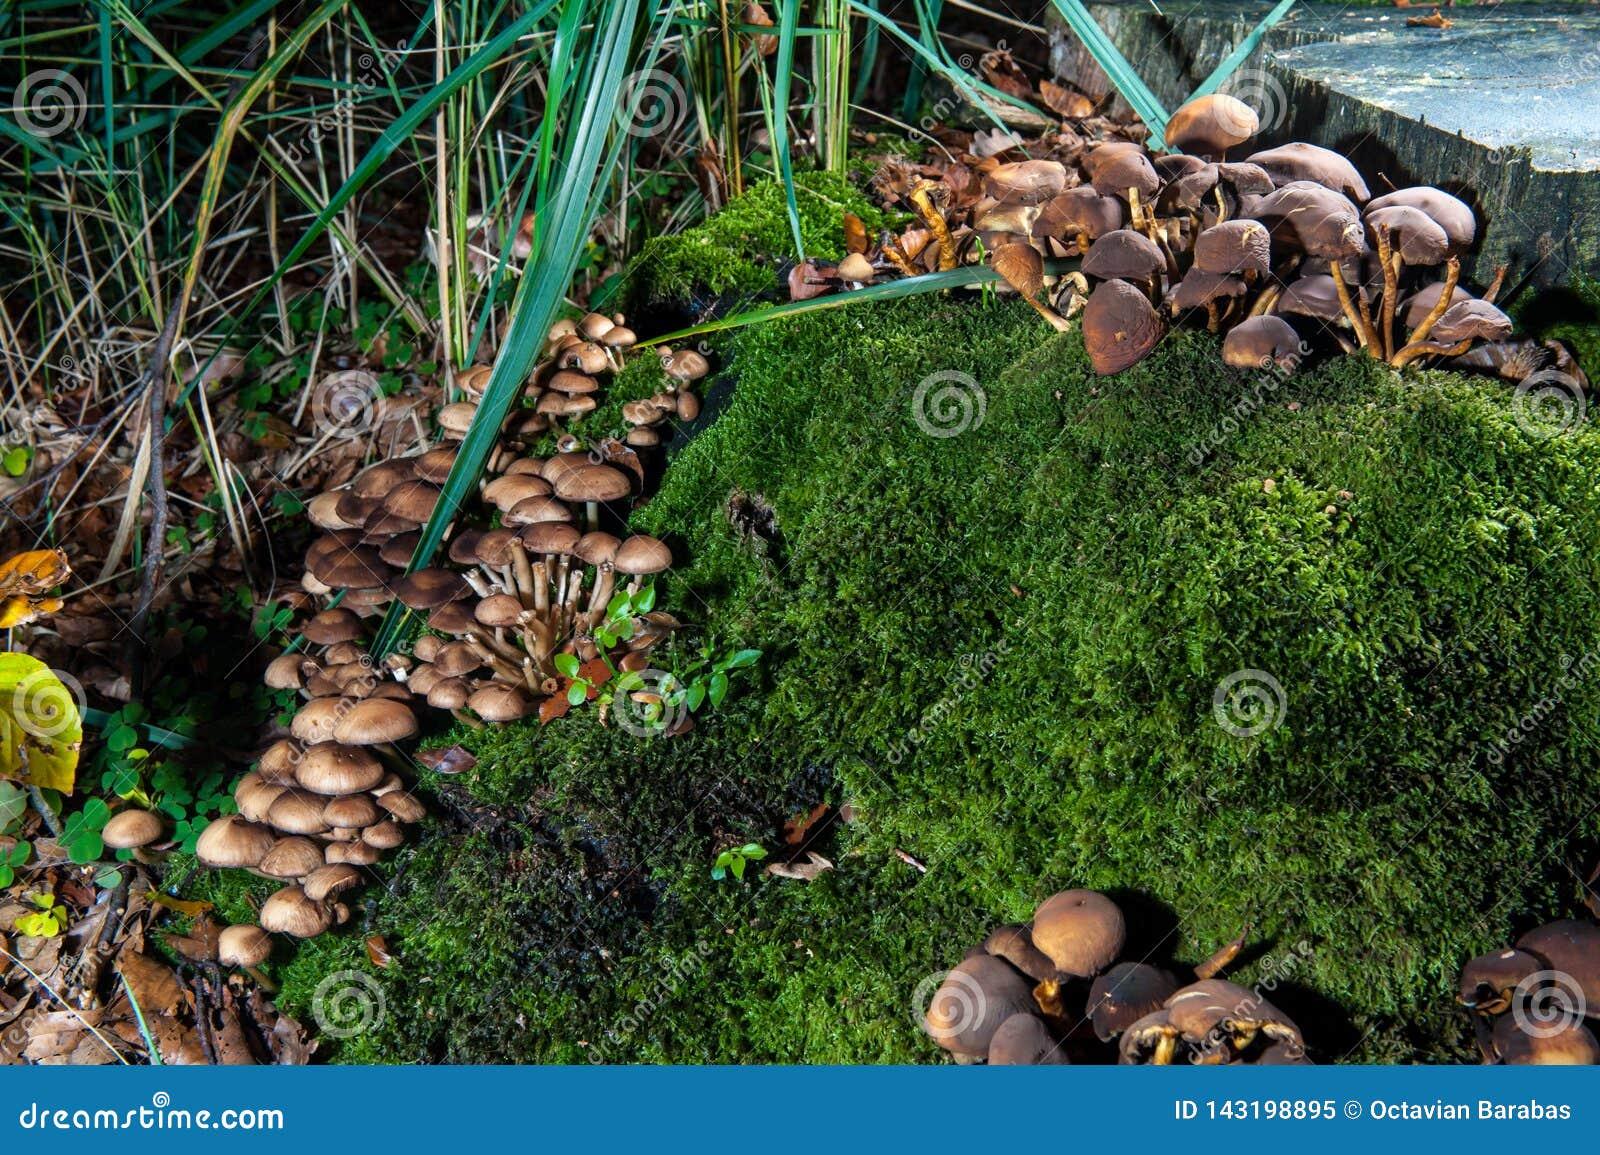 Funghi in foresta sul tronco di albero